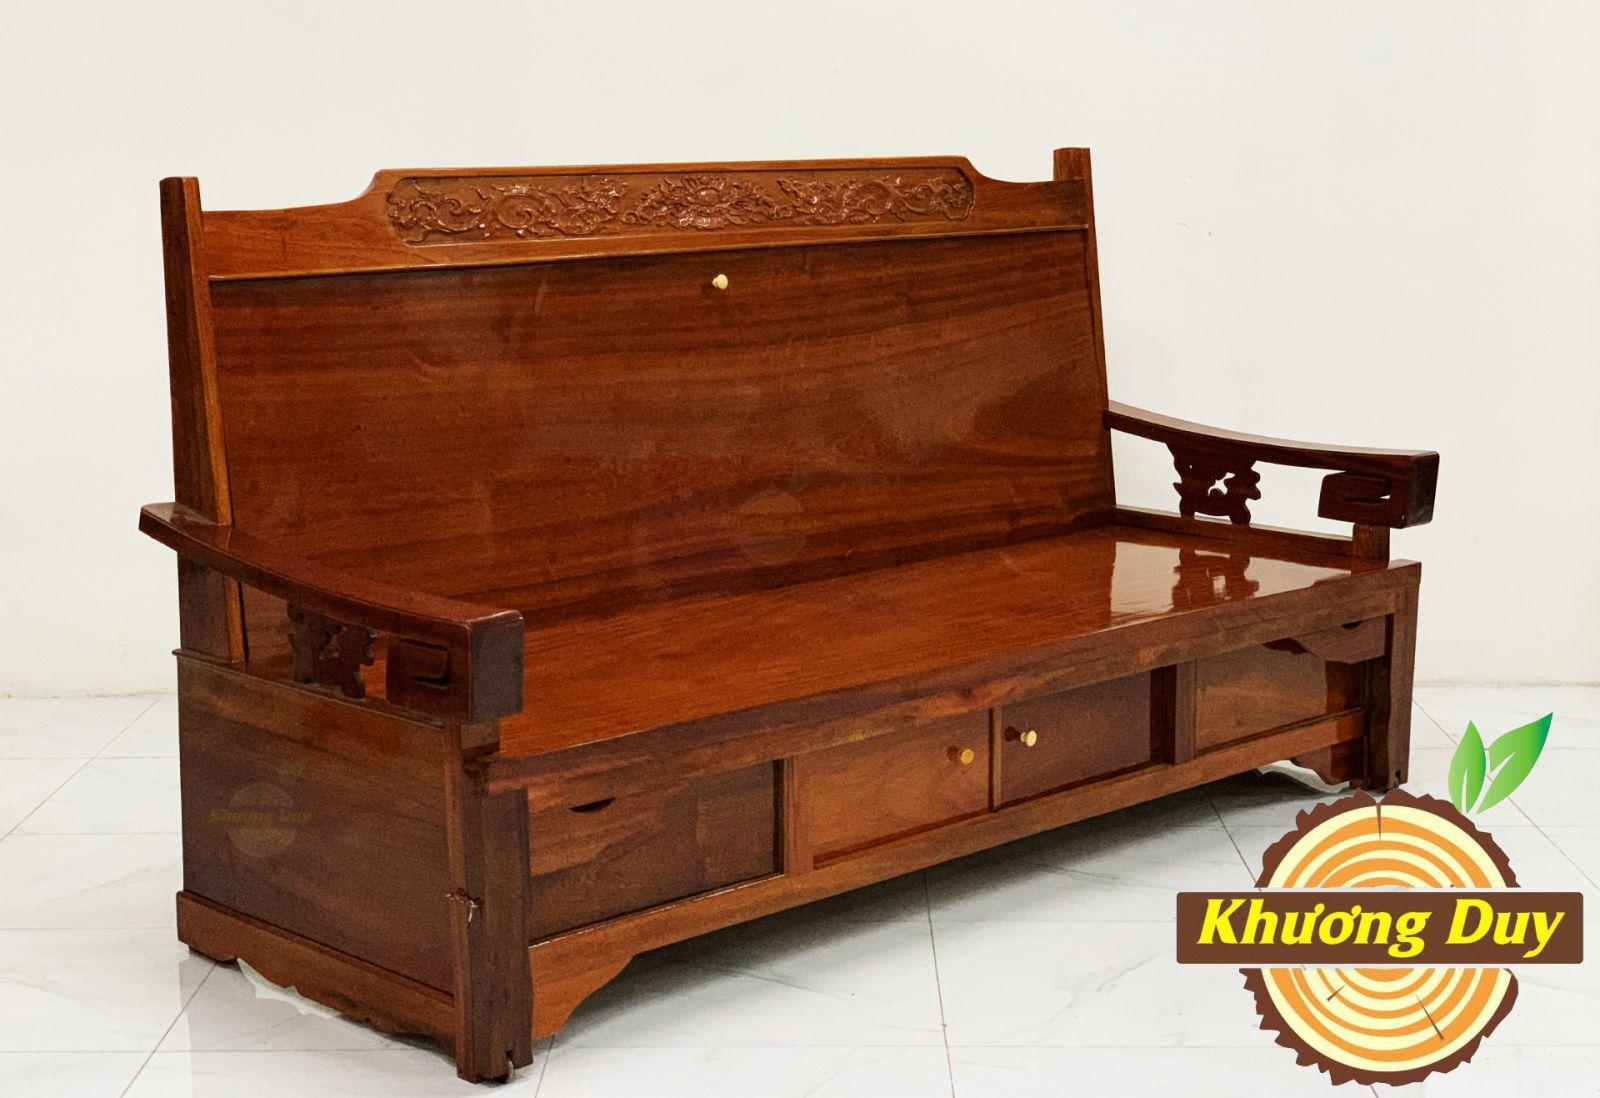 ghế trường kỷ gỗ căm xe kéo ra thành giường